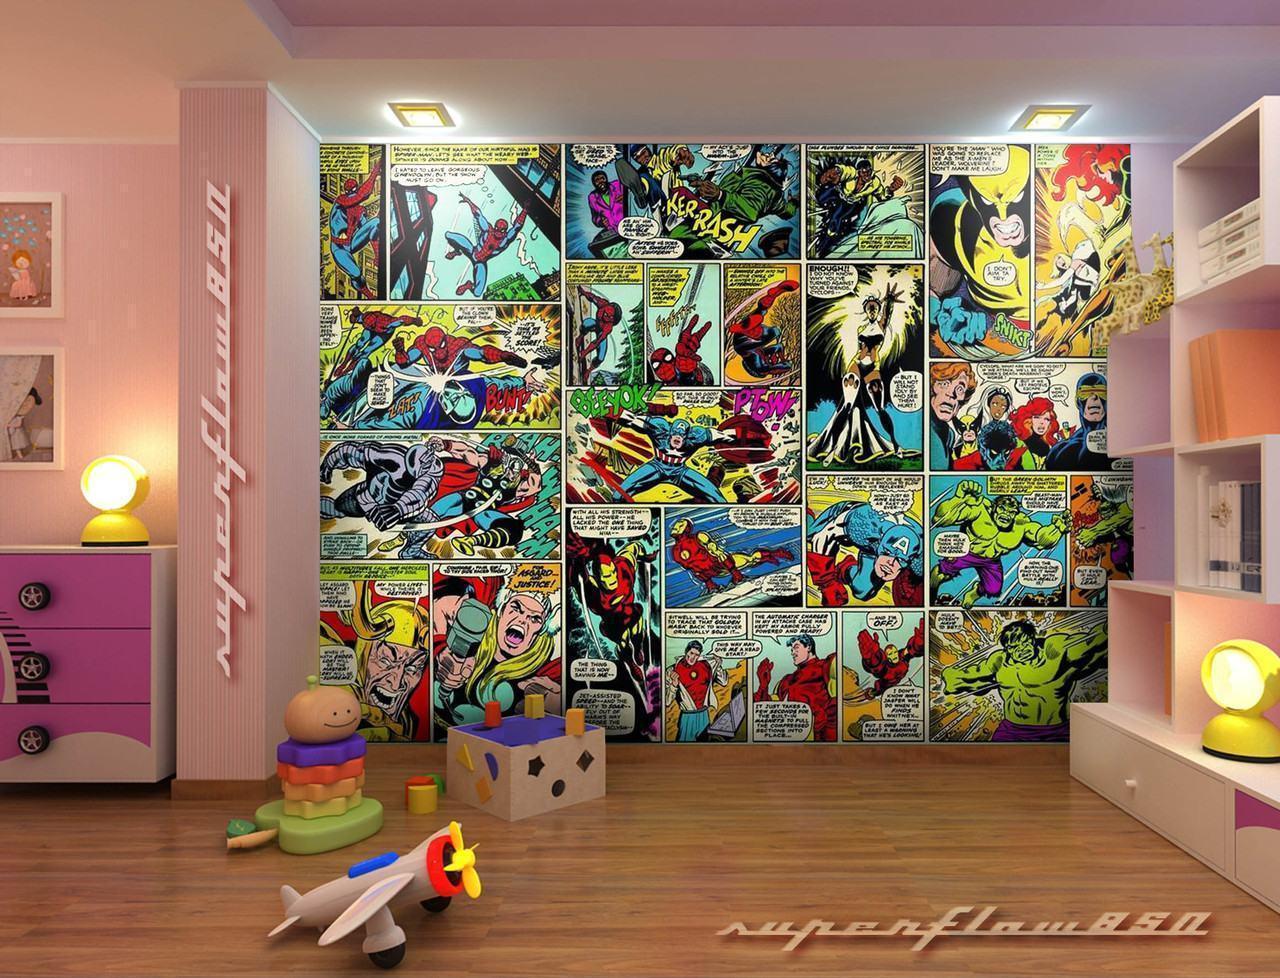 Marvel Wallpaper For Bedroom Marvel Bedroom Marvel Avengers Hulk Fist Led Wall Light Lamp New